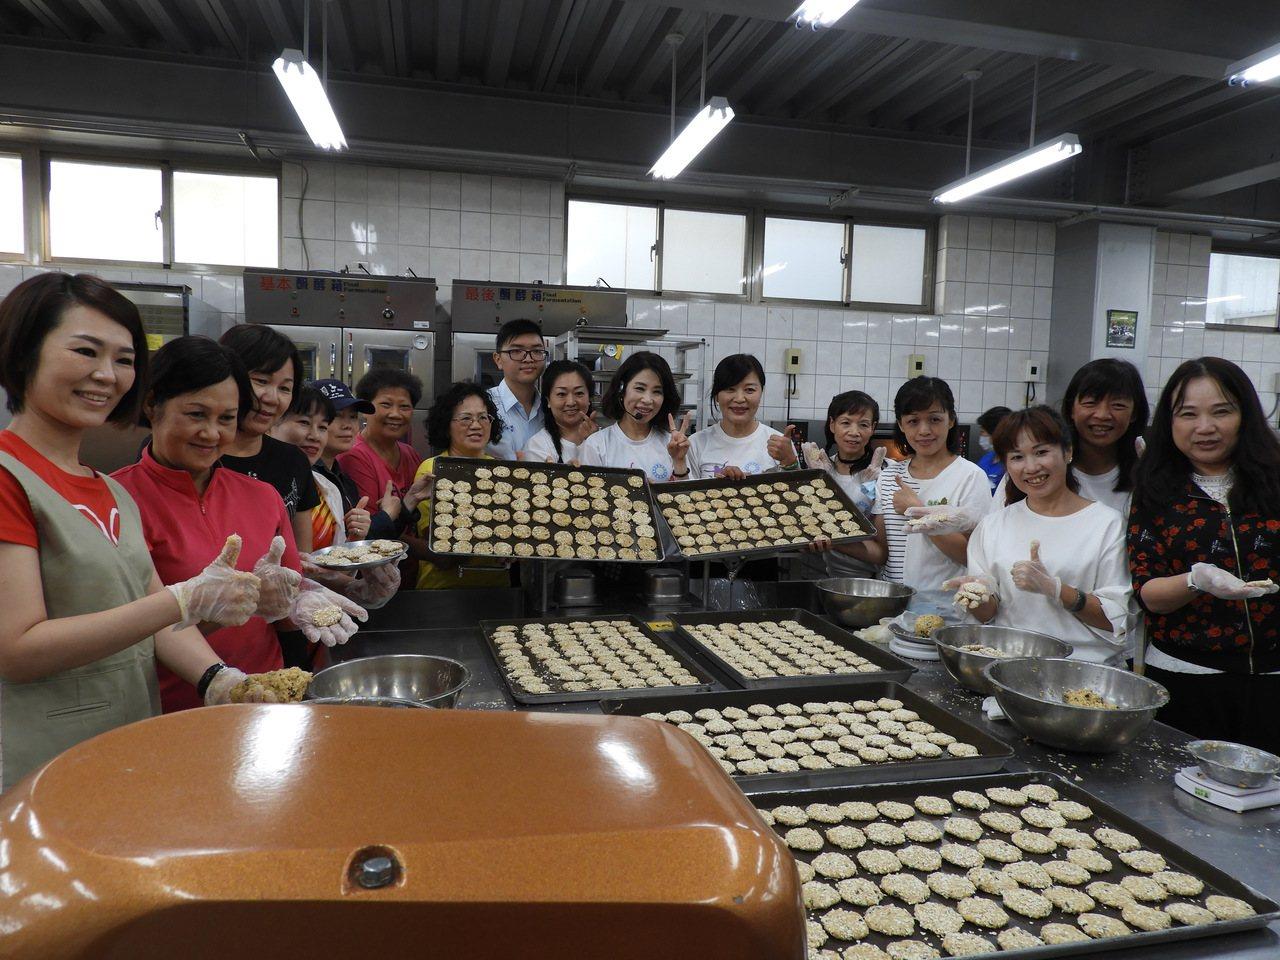 平鎮區議員舒翠玲策劃,由女青姐妹們製作巧克力燕麥餅乾義賣,為清寒學子籌措課後輔導...